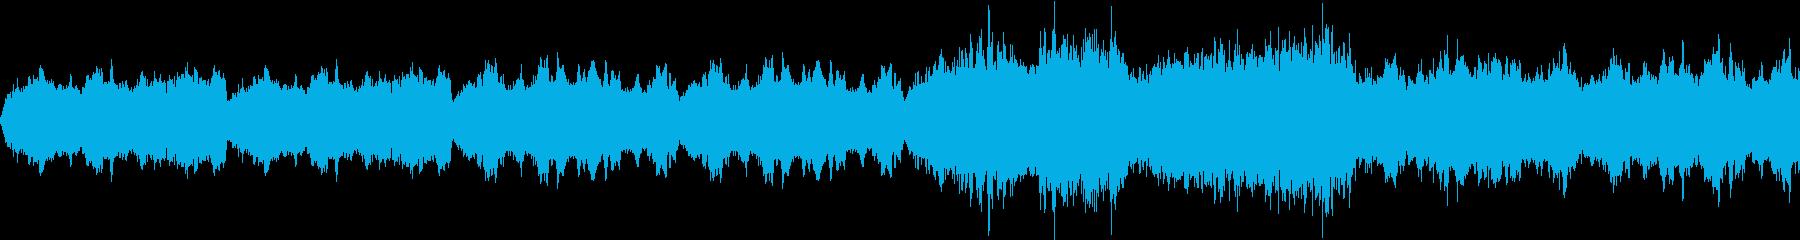 ストリングスの不気味な楽曲の再生済みの波形